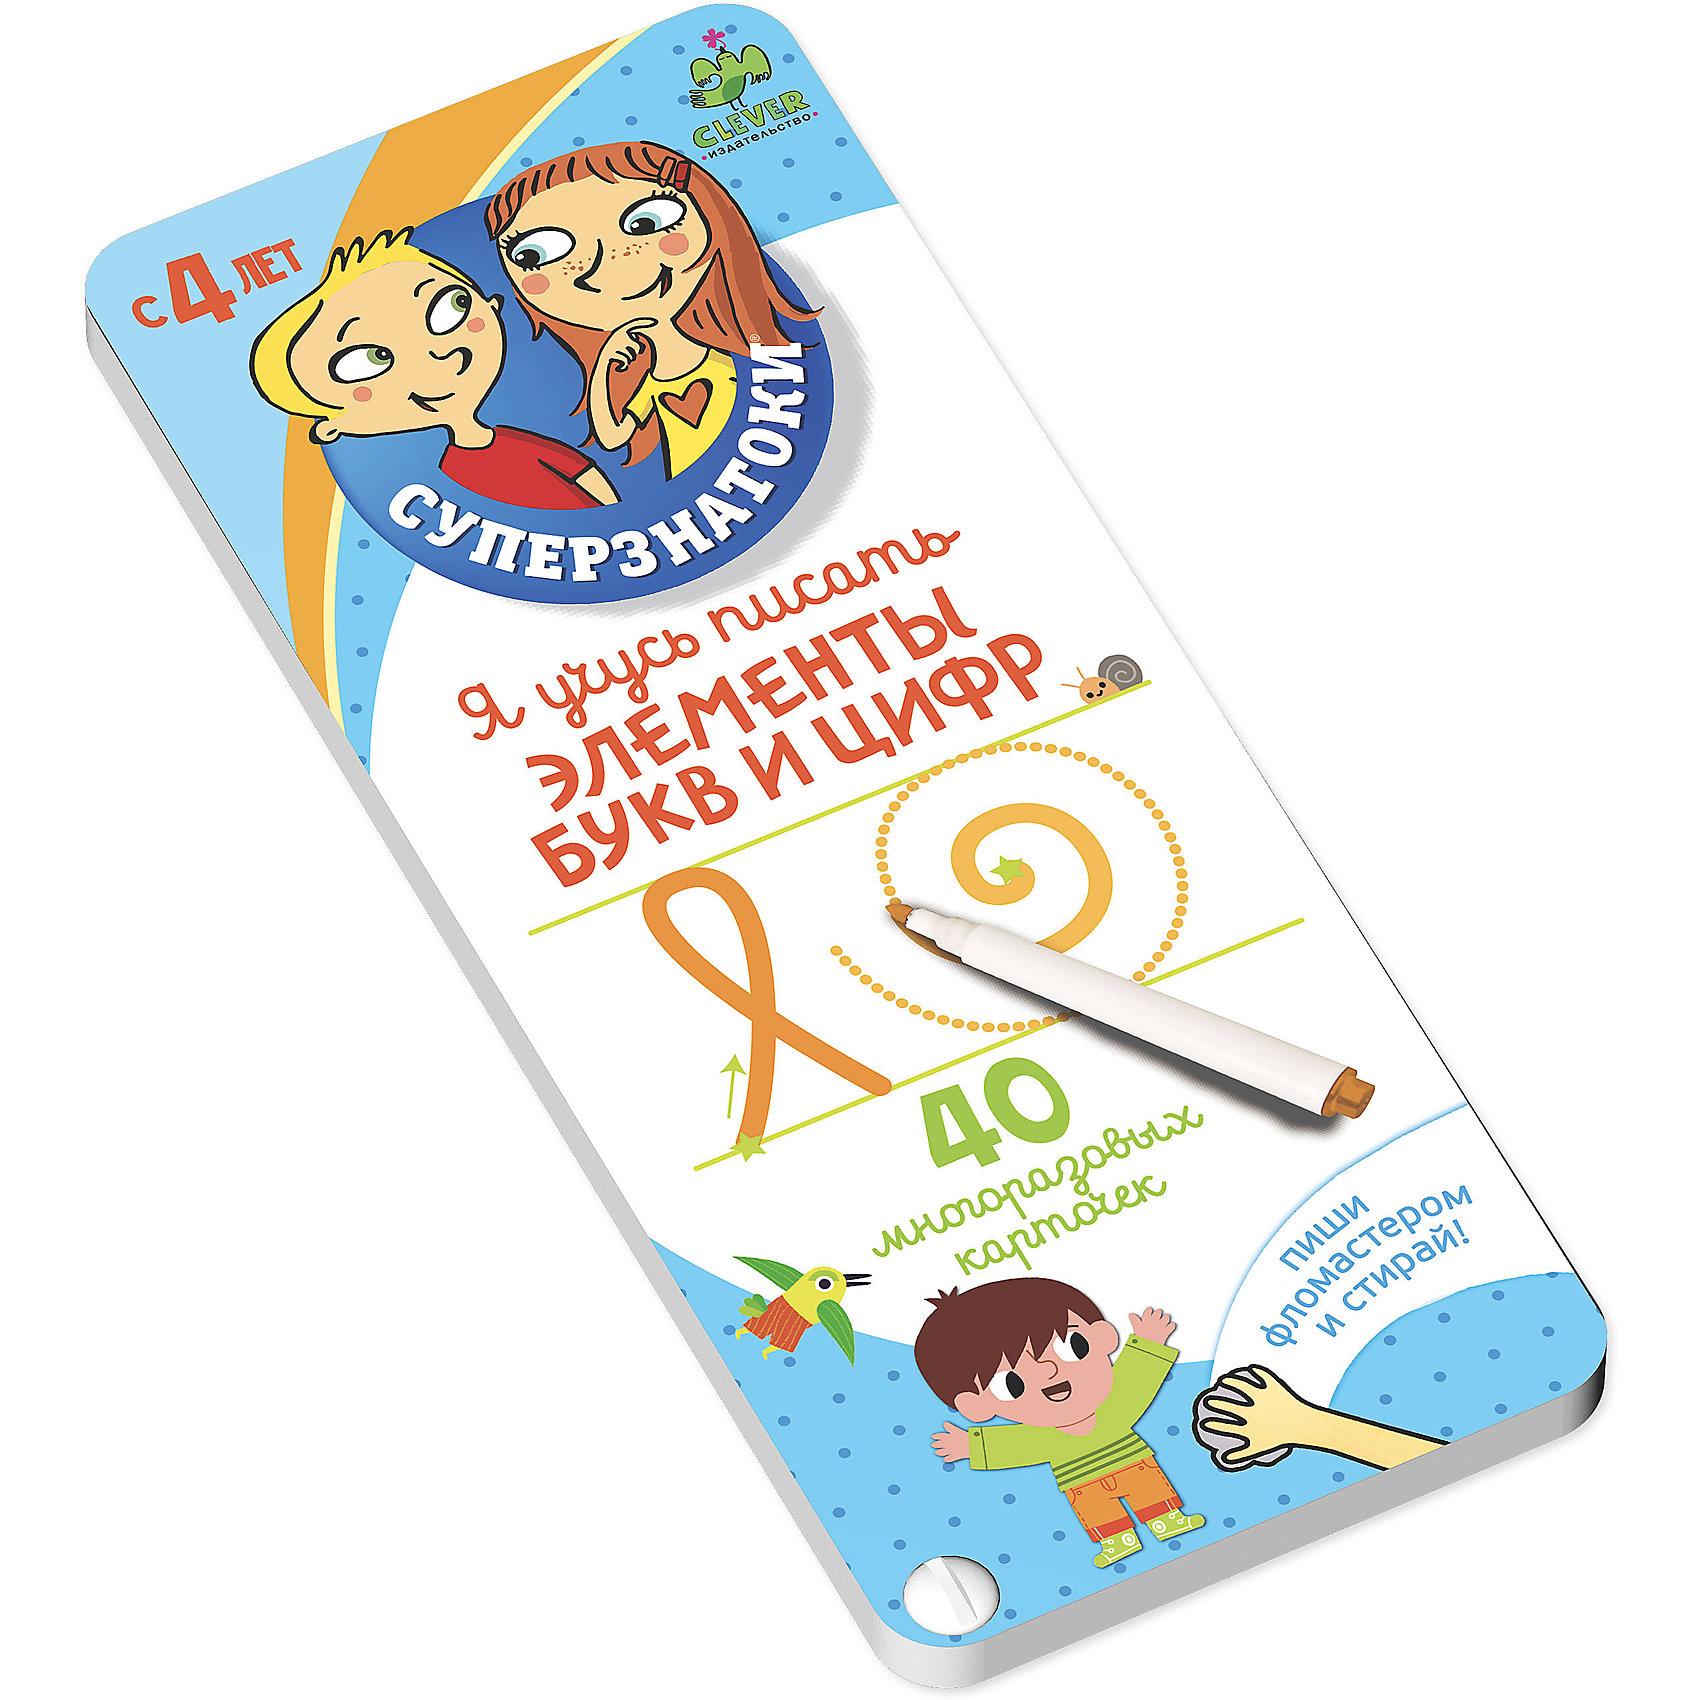 Я учусь писать Элементы букв и цифр, Суперзнатоки для дошкольниковЯ учусь писать Элементы букв и цифр, Суперзнатоки для дошкольников<br><br>Характеристики:<br><br>• игры с графическими элементами<br>• карточки с прописями<br>• рельефные рисунки<br>• издательство: Клевер-Медиа-Групп<br>• ISBN: 978-5-91982-447-3<br>• количество страниц: 40<br>• размер упаковки: 0,4х10х24,1 см<br>• вес: 190 грамм<br><br>Пособие Элементы букв и цифр состоит из карточек с графическими элементами, с прописями и с рельефными рисунками. Ребенок сможет научиться писать различные графические элементы. Символы, обведенные точками очень удобны для малышей. Ребенок будет обводить рисунки, постепенно учась выводить четкие линии, не заходя за границы. Элементы букв и цифр - прекрасный выбор для подготовки к начальной школе.<br><br>Я учусь писать Элементы букв и цифр, Суперзнатоки для дошкольников можно купить в нашем интернет-магазине.<br><br>Ширина мм: 241<br>Глубина мм: 100<br>Высота мм: 4<br>Вес г: 190<br>Возраст от месяцев: 48<br>Возраст до месяцев: 72<br>Пол: Унисекс<br>Возраст: Детский<br>SKU: 5377859